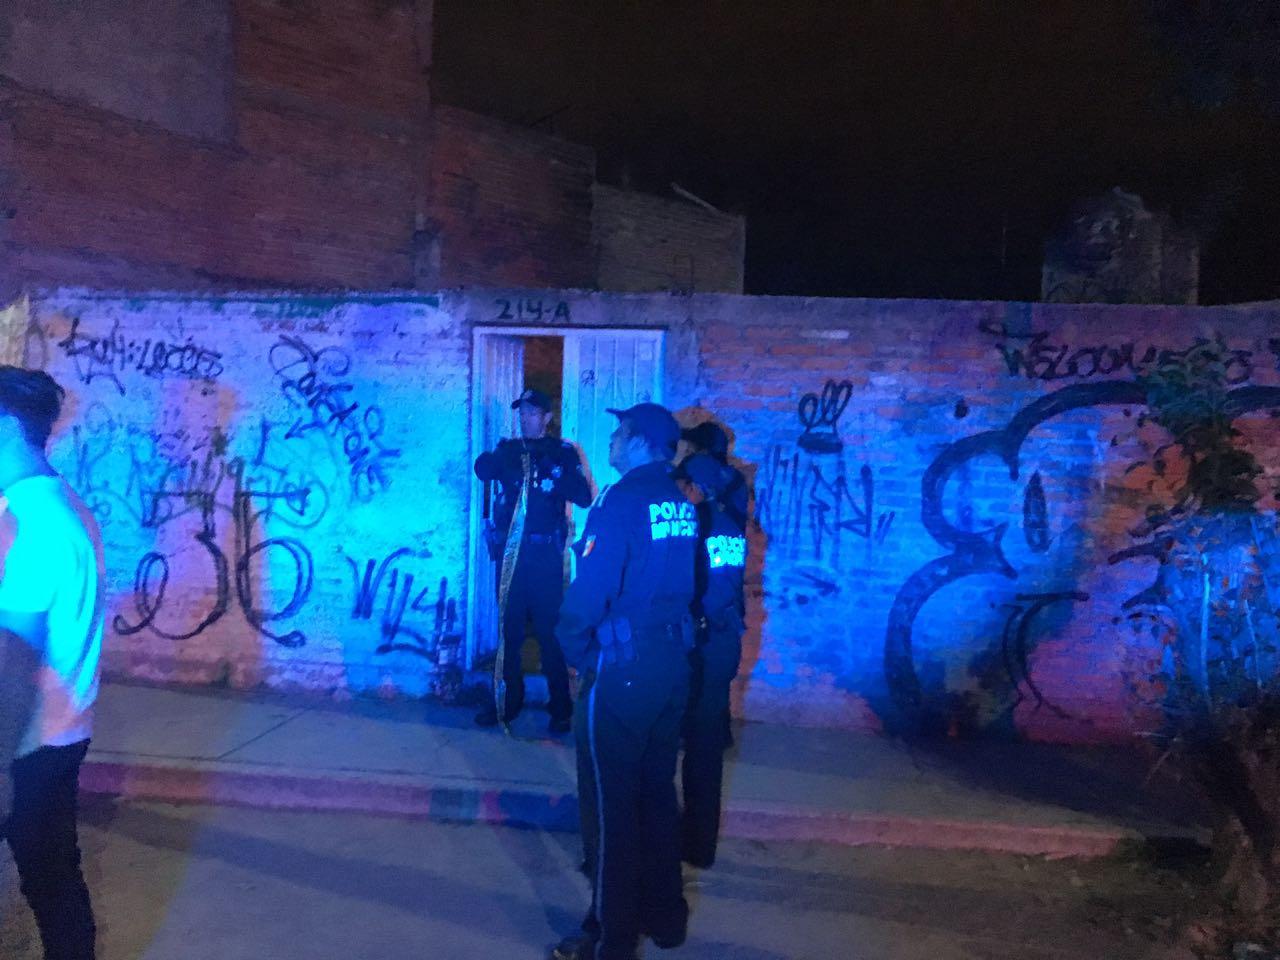 ¡Encuentran hombre putrefacto en una casa abandonada en Aguascalientes: la Fiscalía investiga!